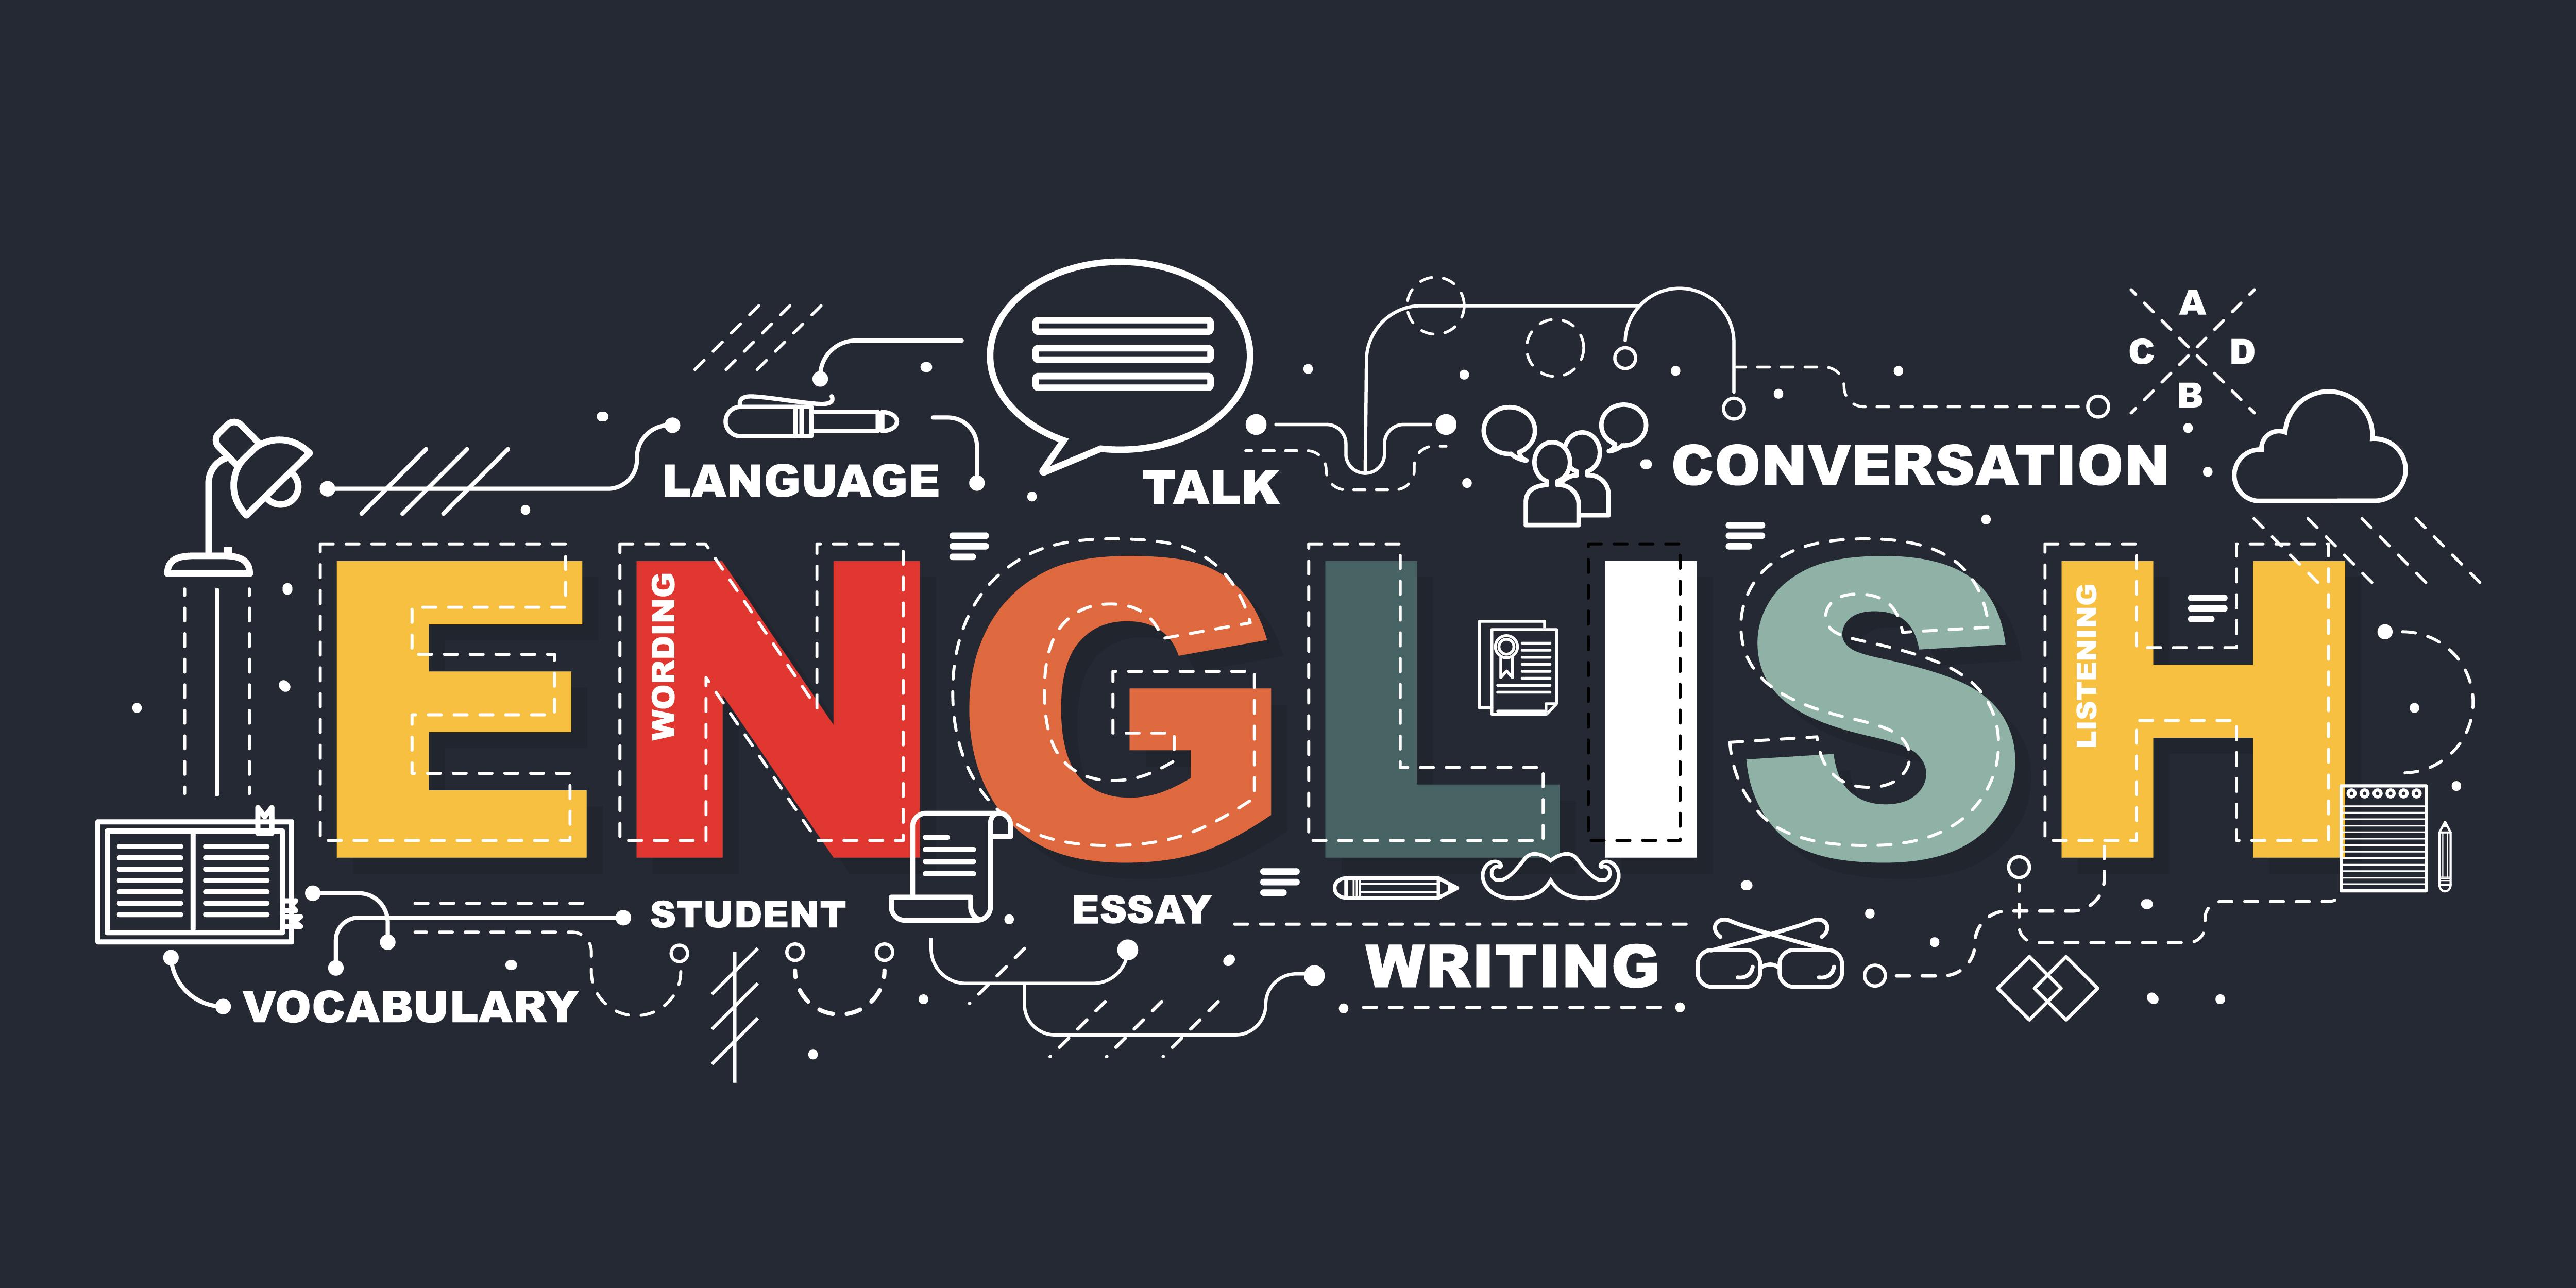 آسان ترین زبان های خارجی برای یادگیری کدام است؟